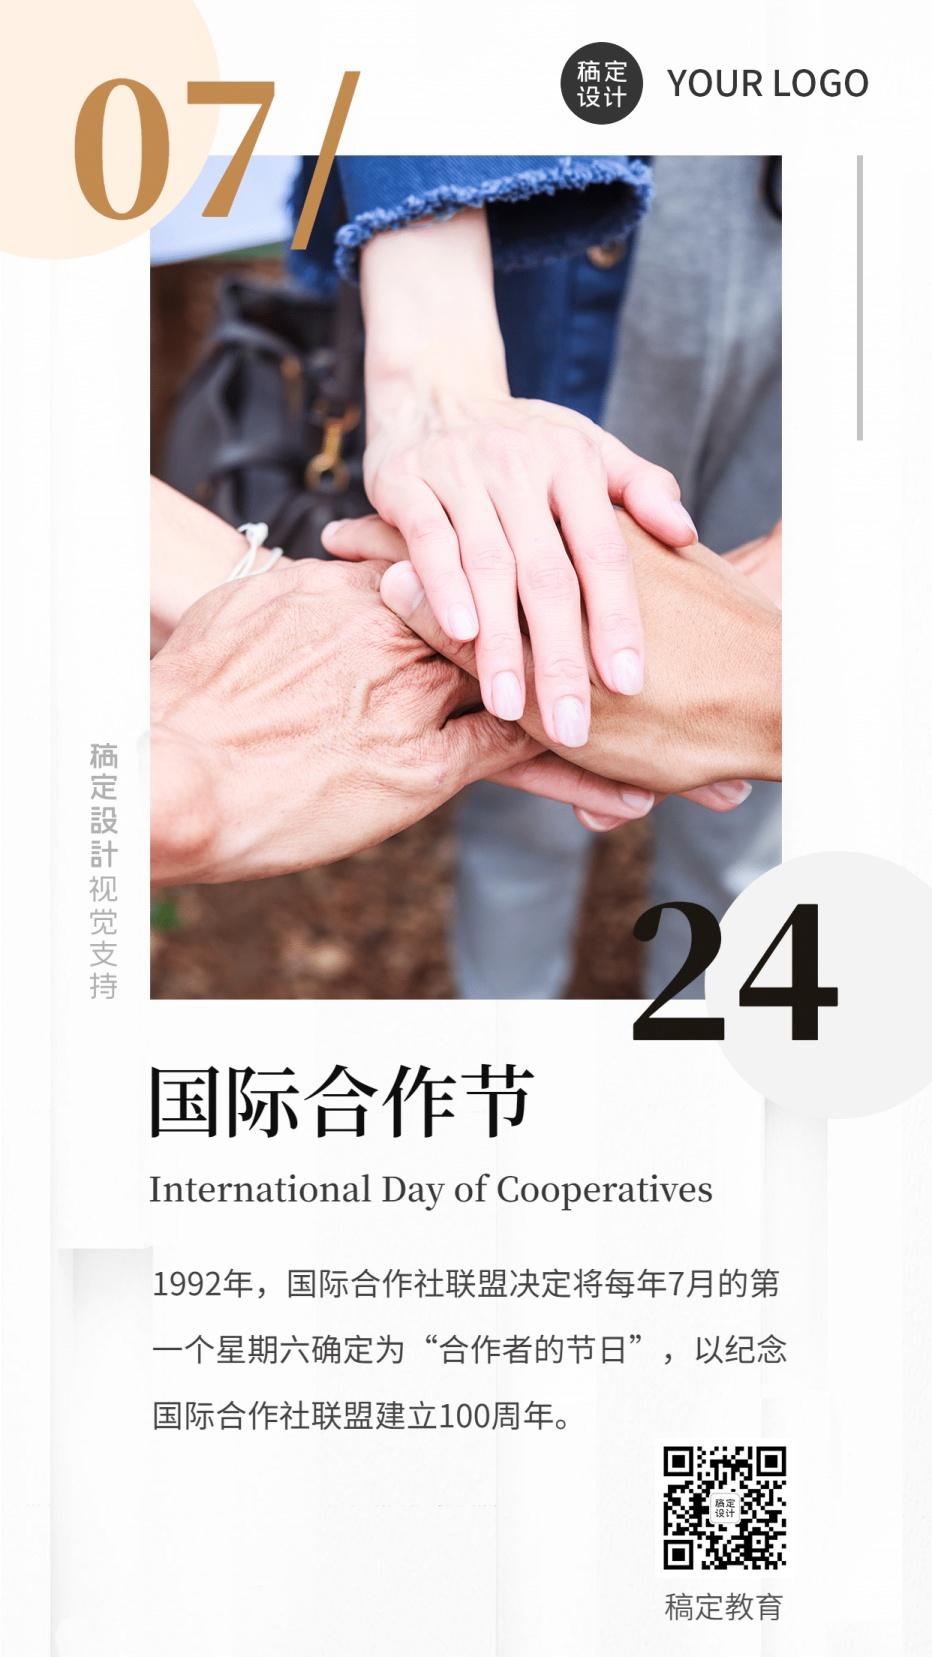 国际合作节日签教育科普海报